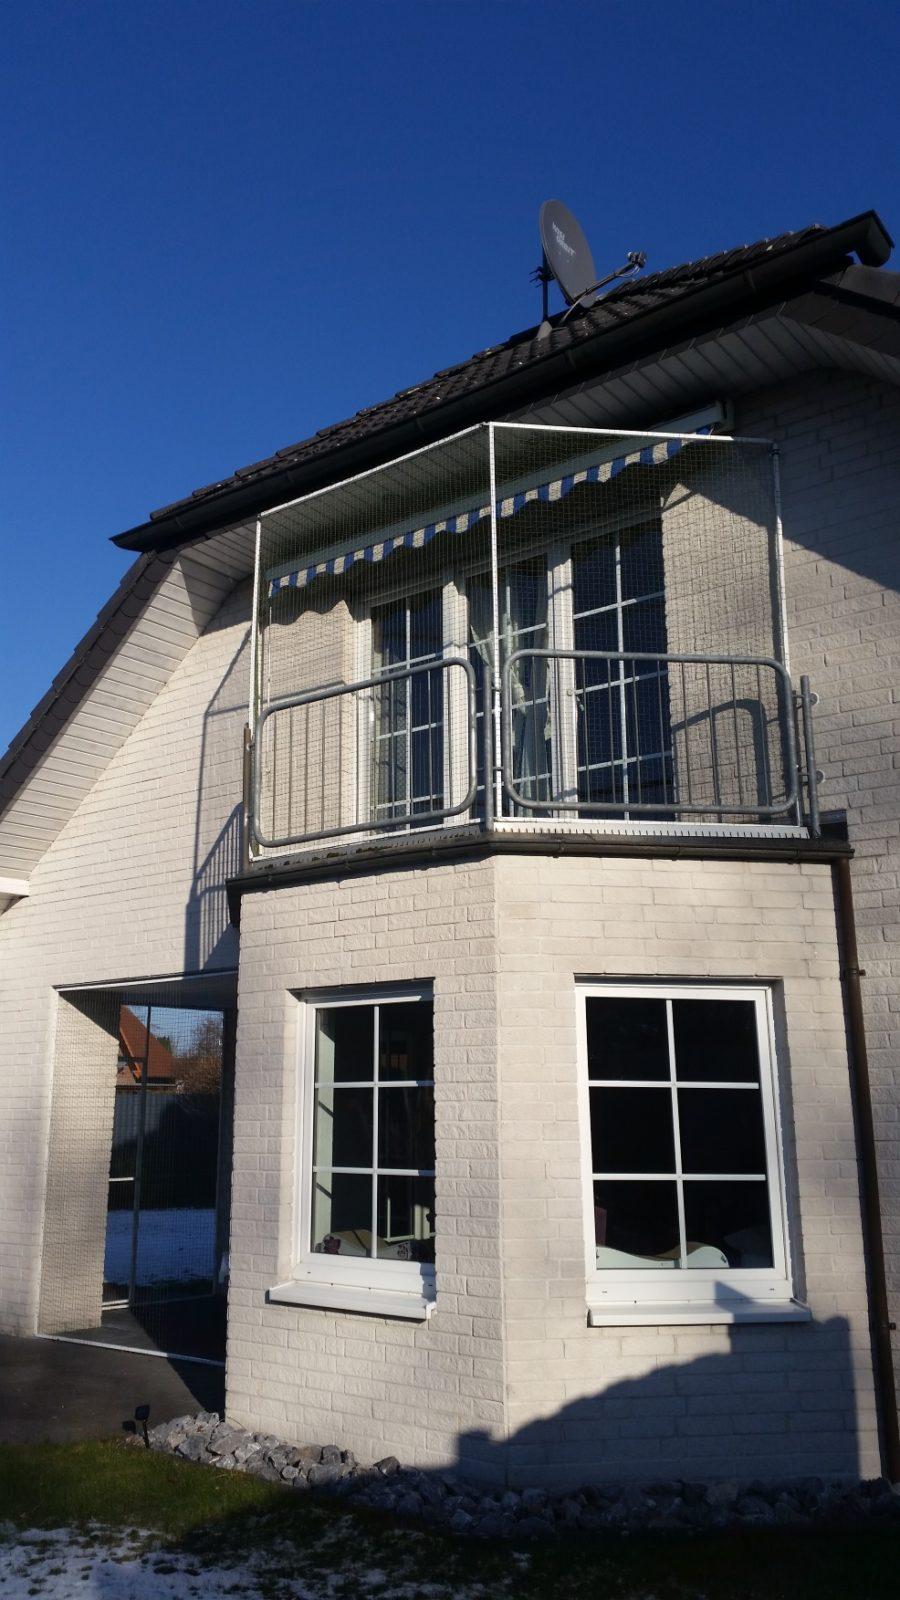 Balkon Balkonnetz Katze